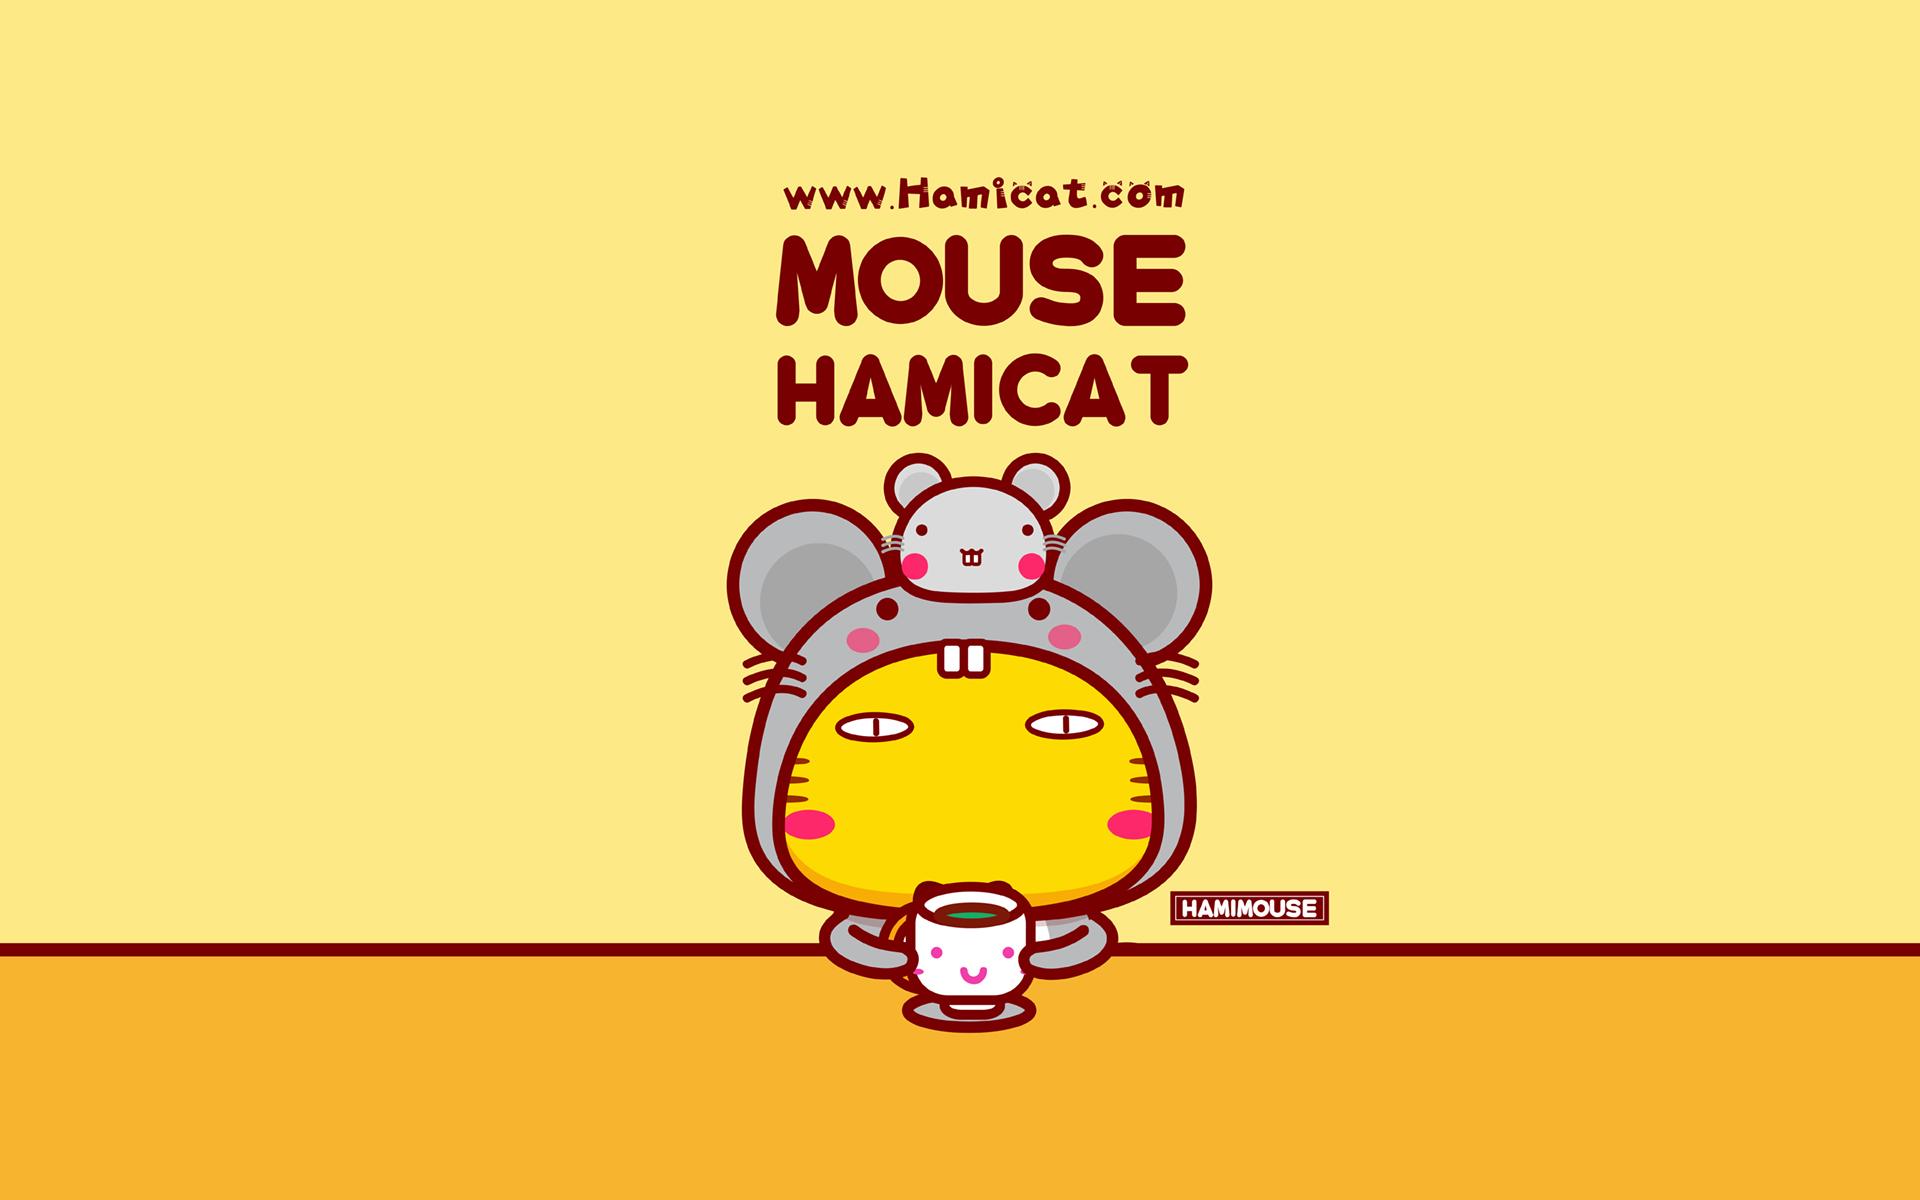 哈咪鼠 可爱卡通宽屏壁纸(壁纸1)